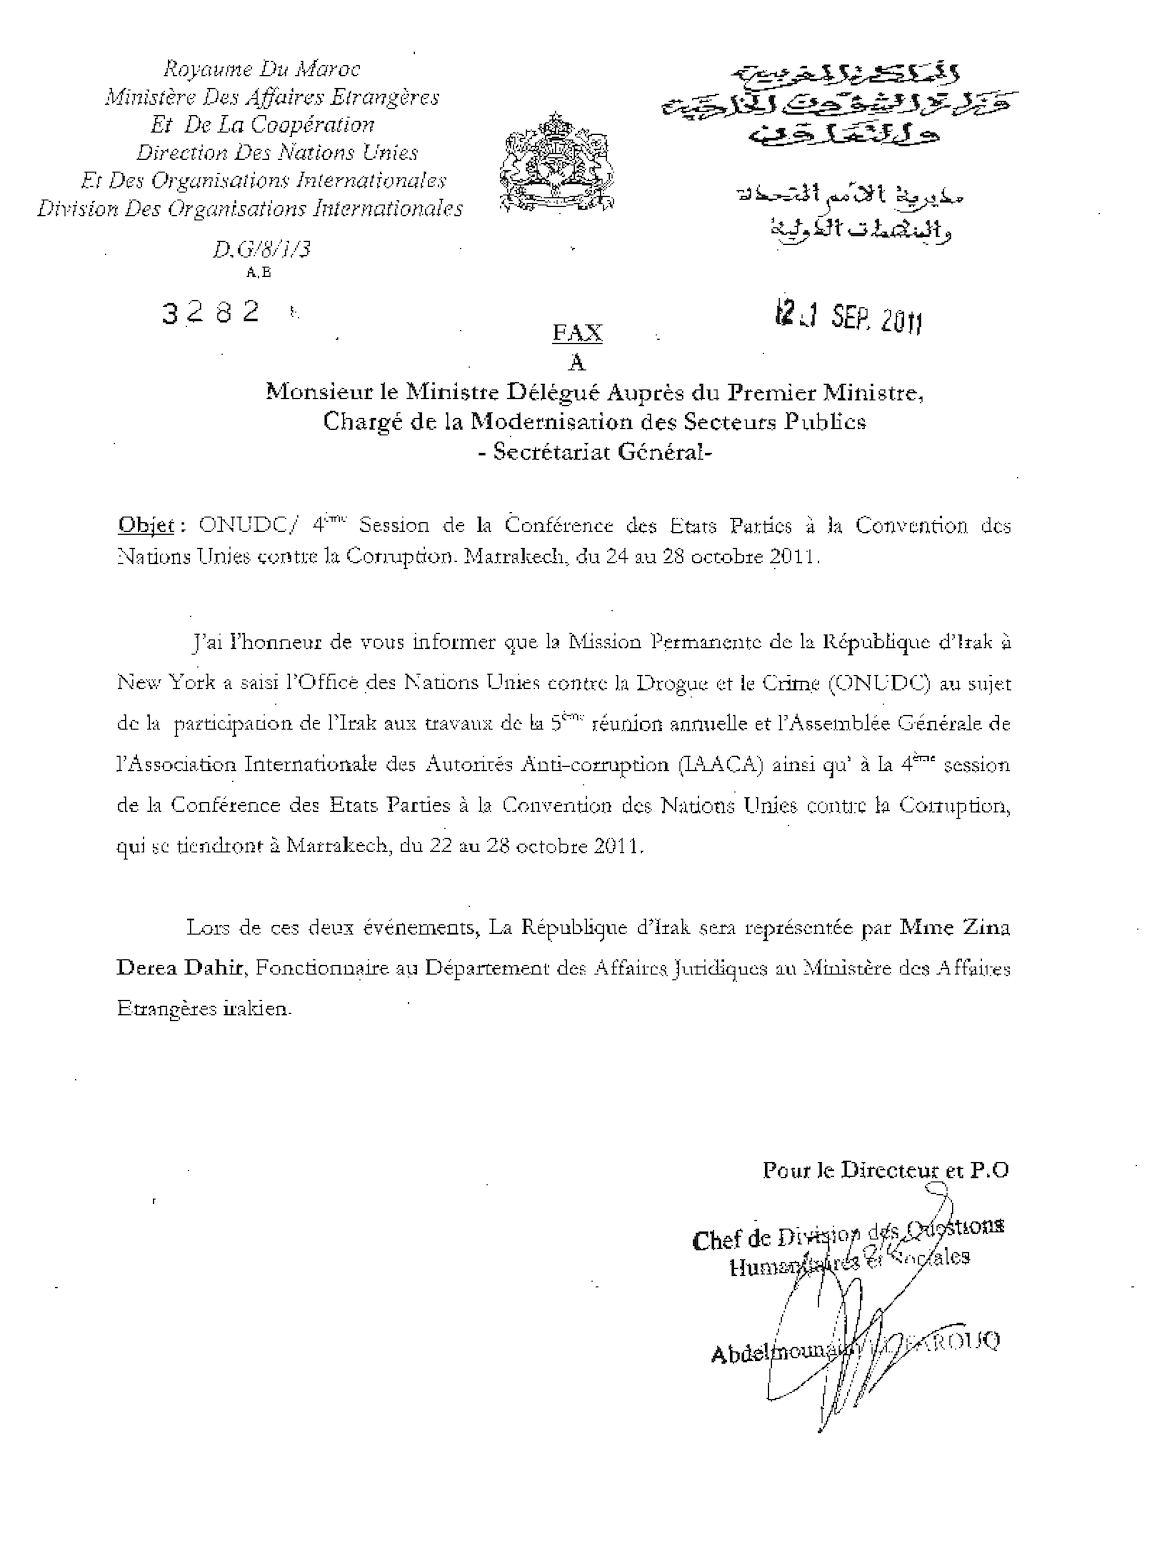 3282 Modernisation Du Secteur Publics